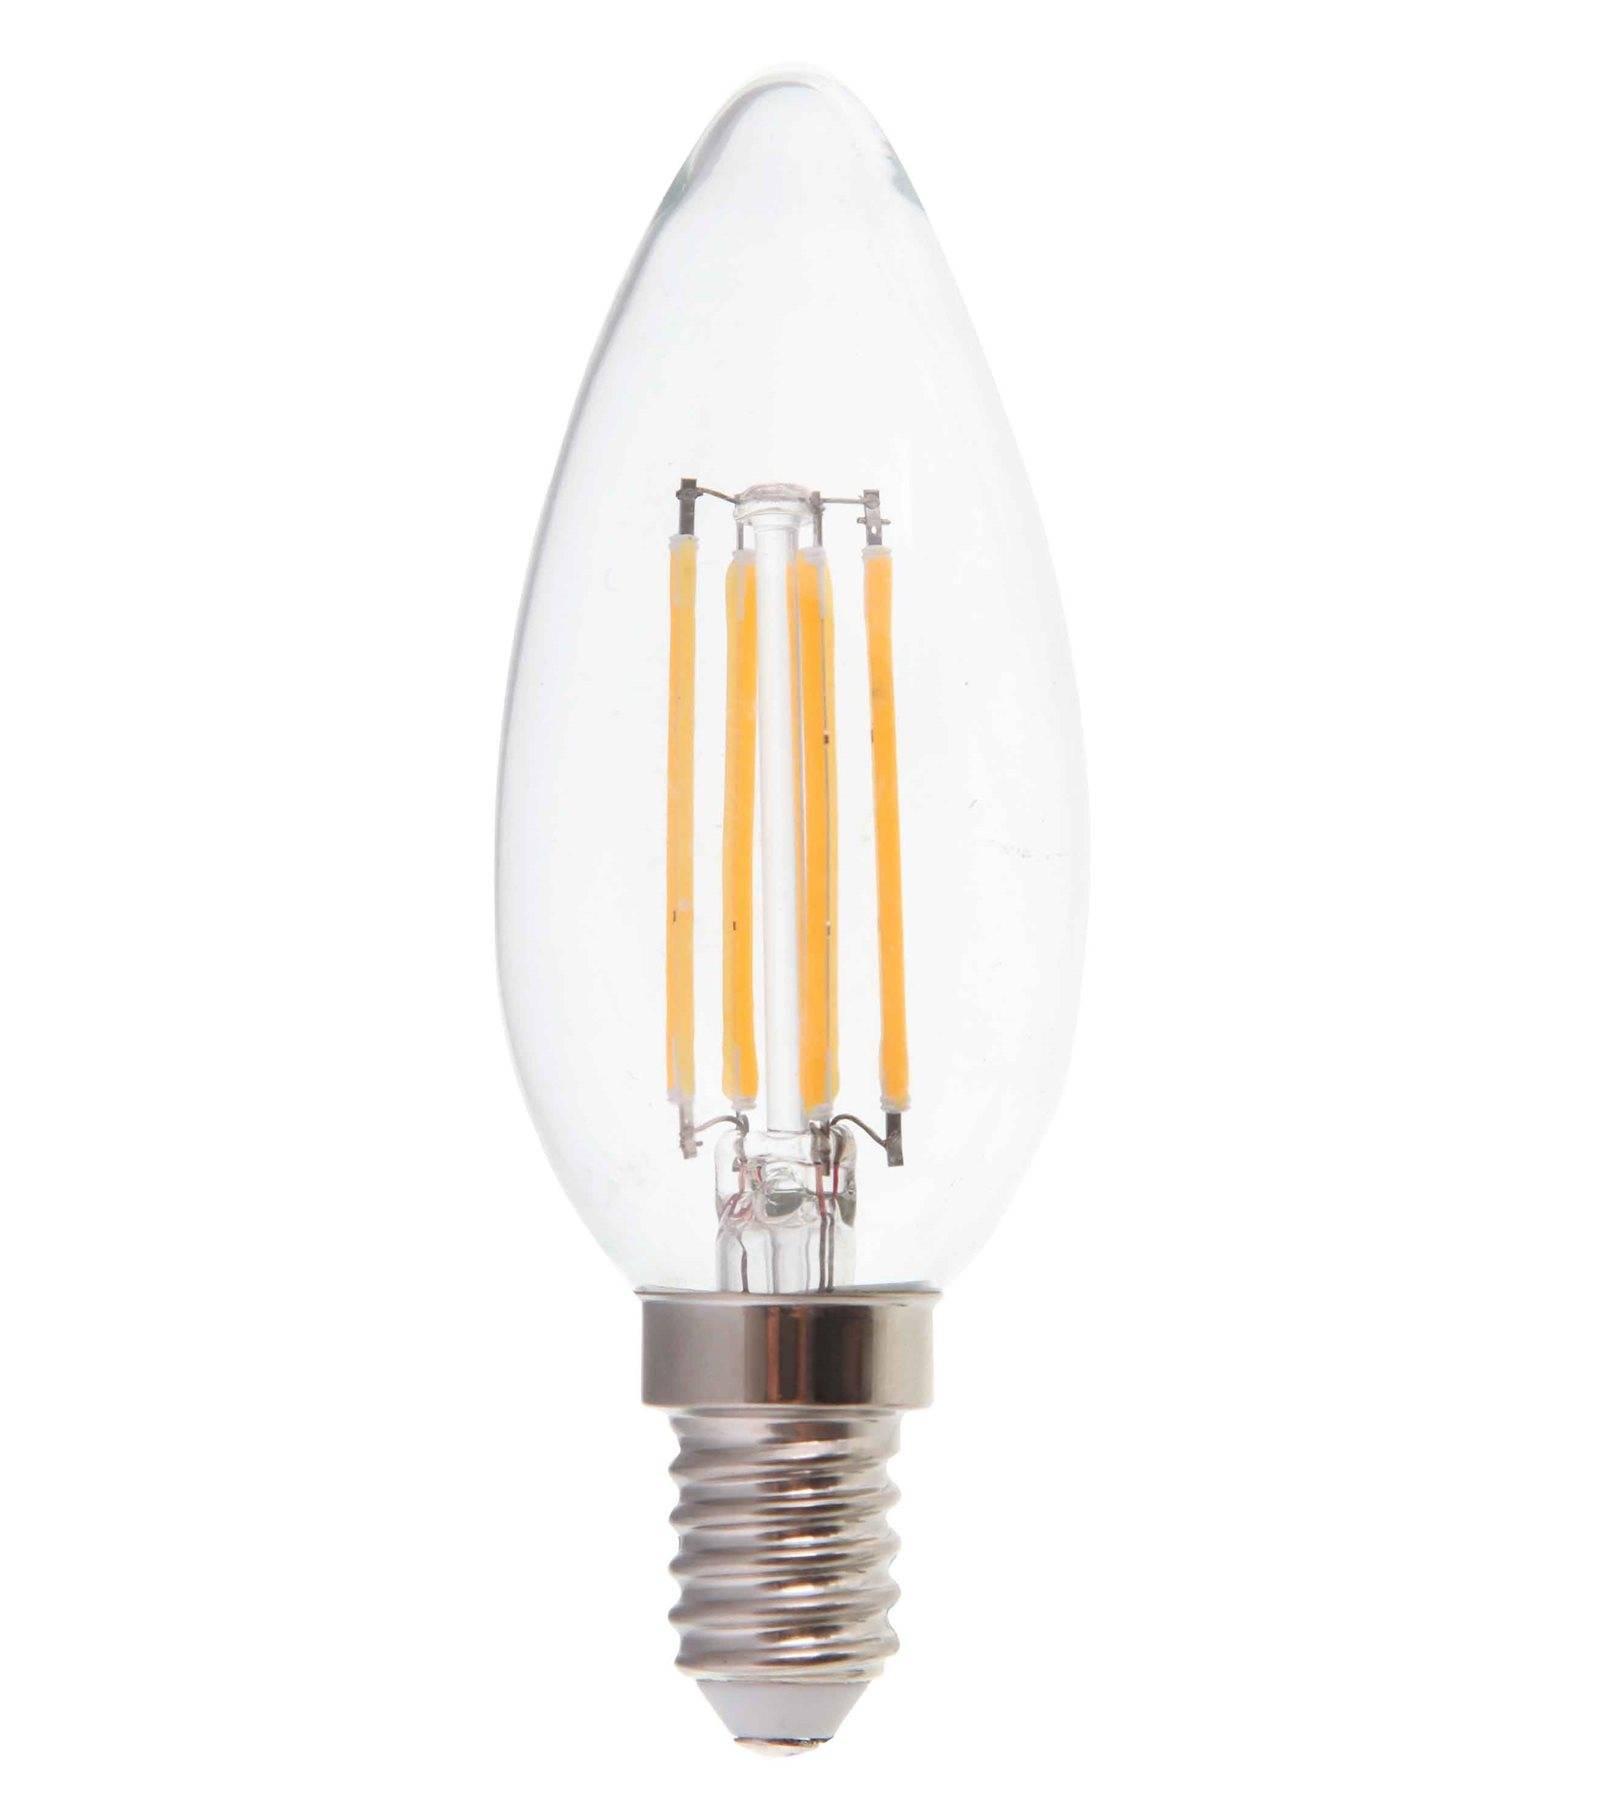 Ampoule Led E14 Bougie Filament Cog 4w 400lm Quiv 40w Blanc Chaud